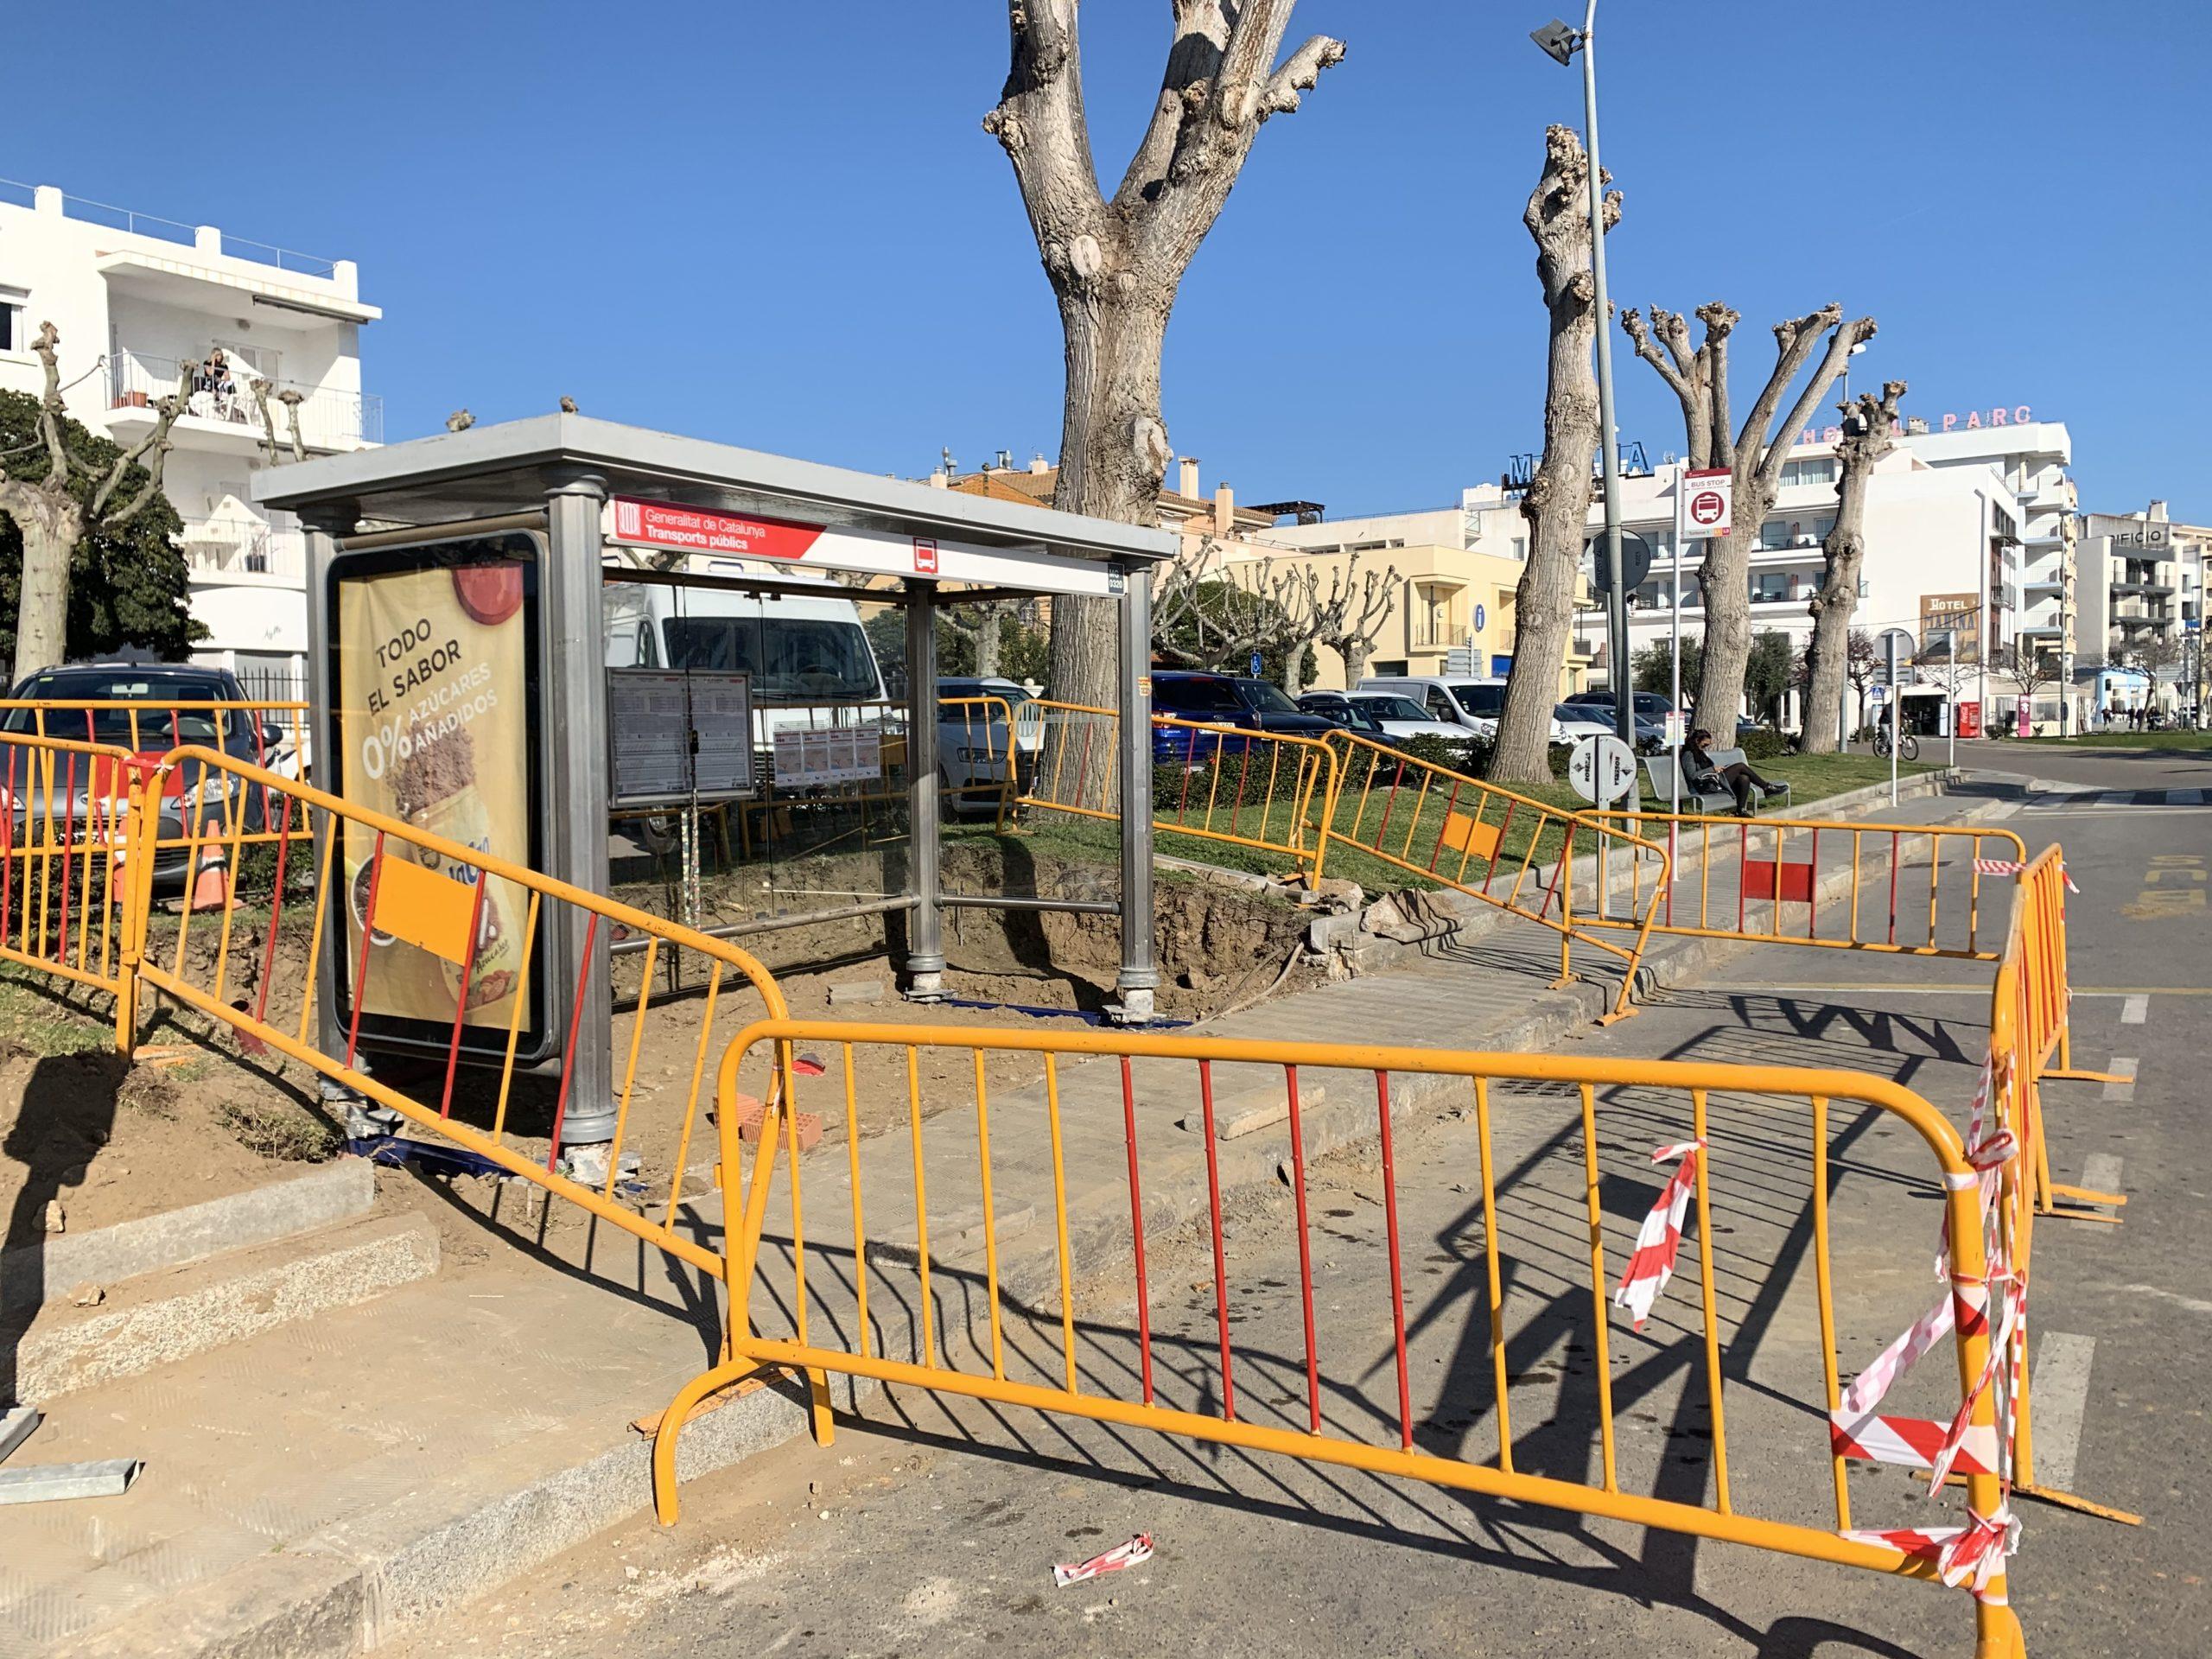 Trasllat de la parada i marquesina del servei de bus interurbà